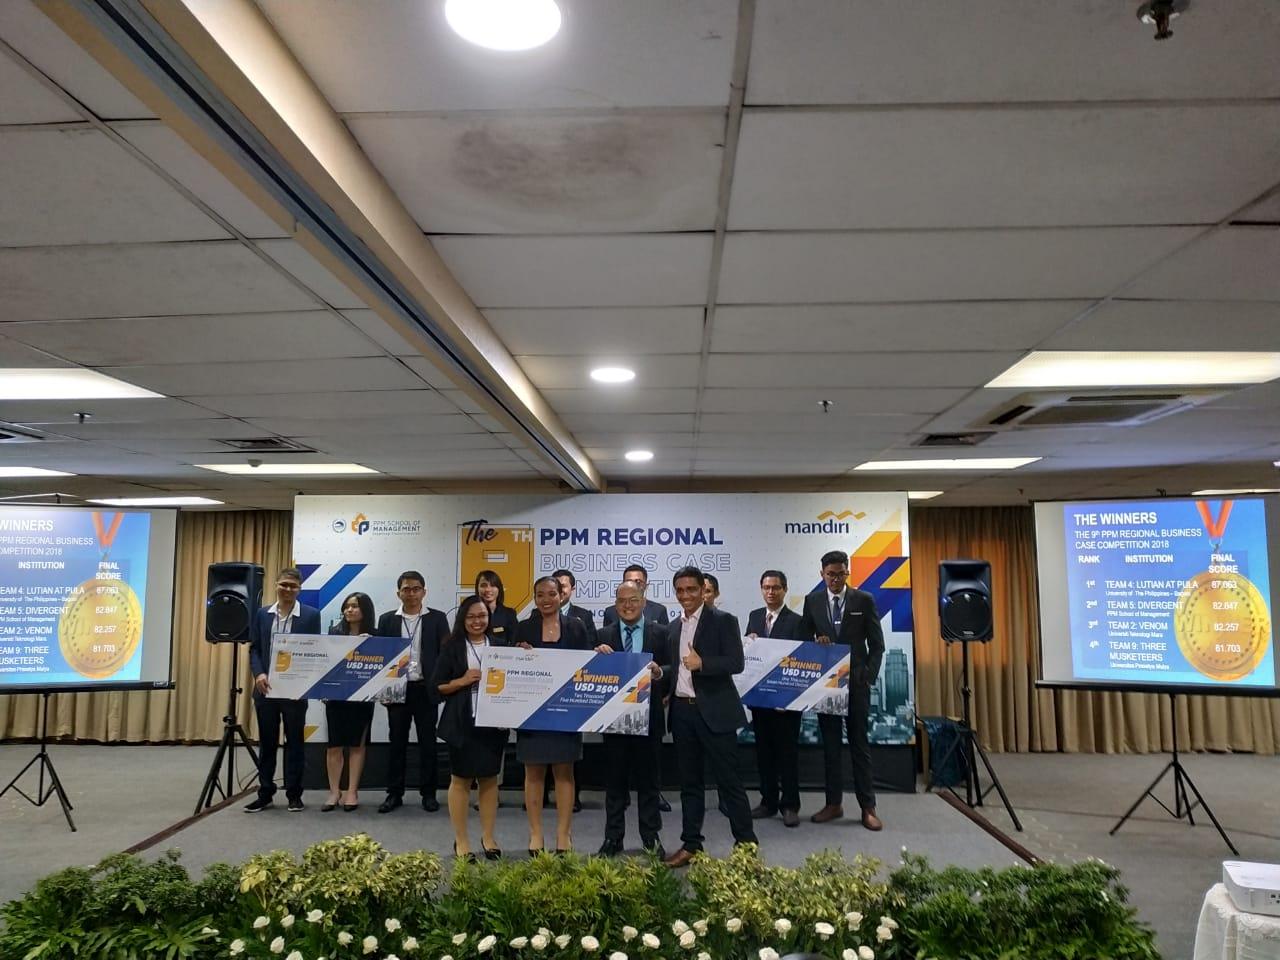 Kampus PPM Sukses Selenggarakan Kompetisi Bisnis Berskala Asia Pasifik Selama 9 Tahun